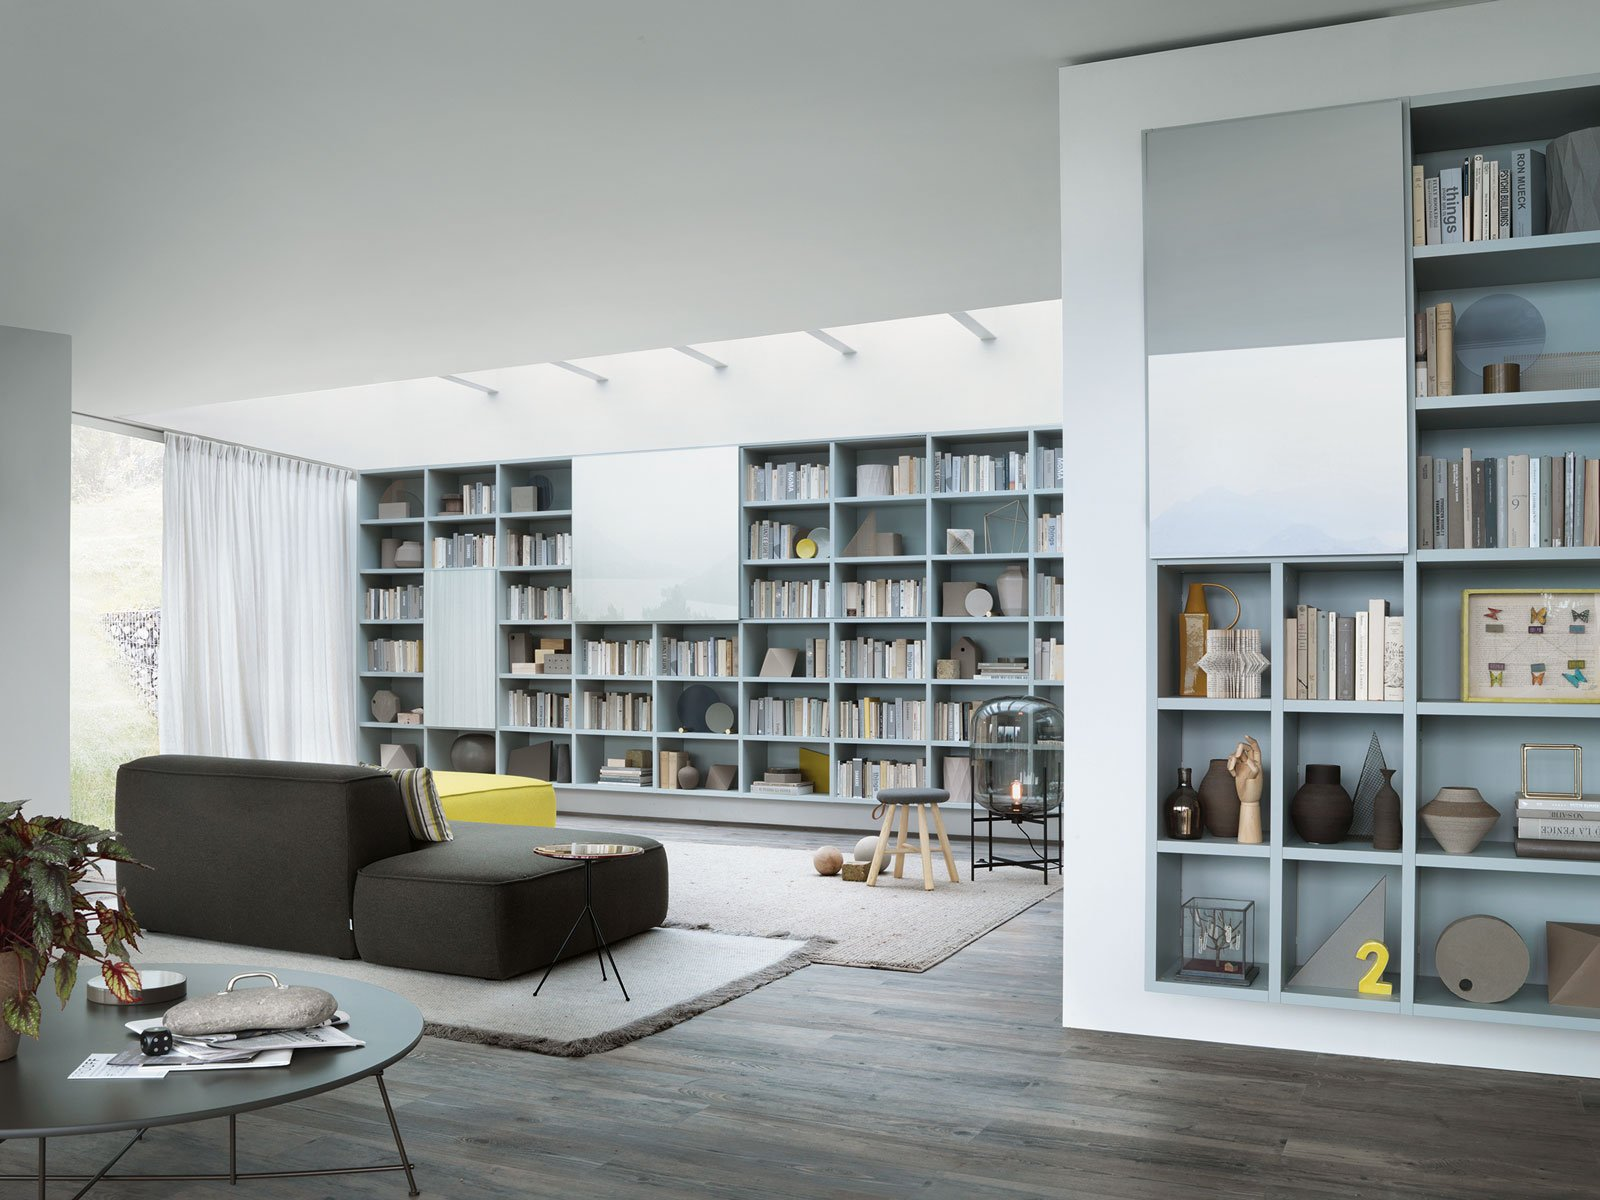 Non solo libreria le infinite possibilit di selecta di for Immagini librerie d arredamento